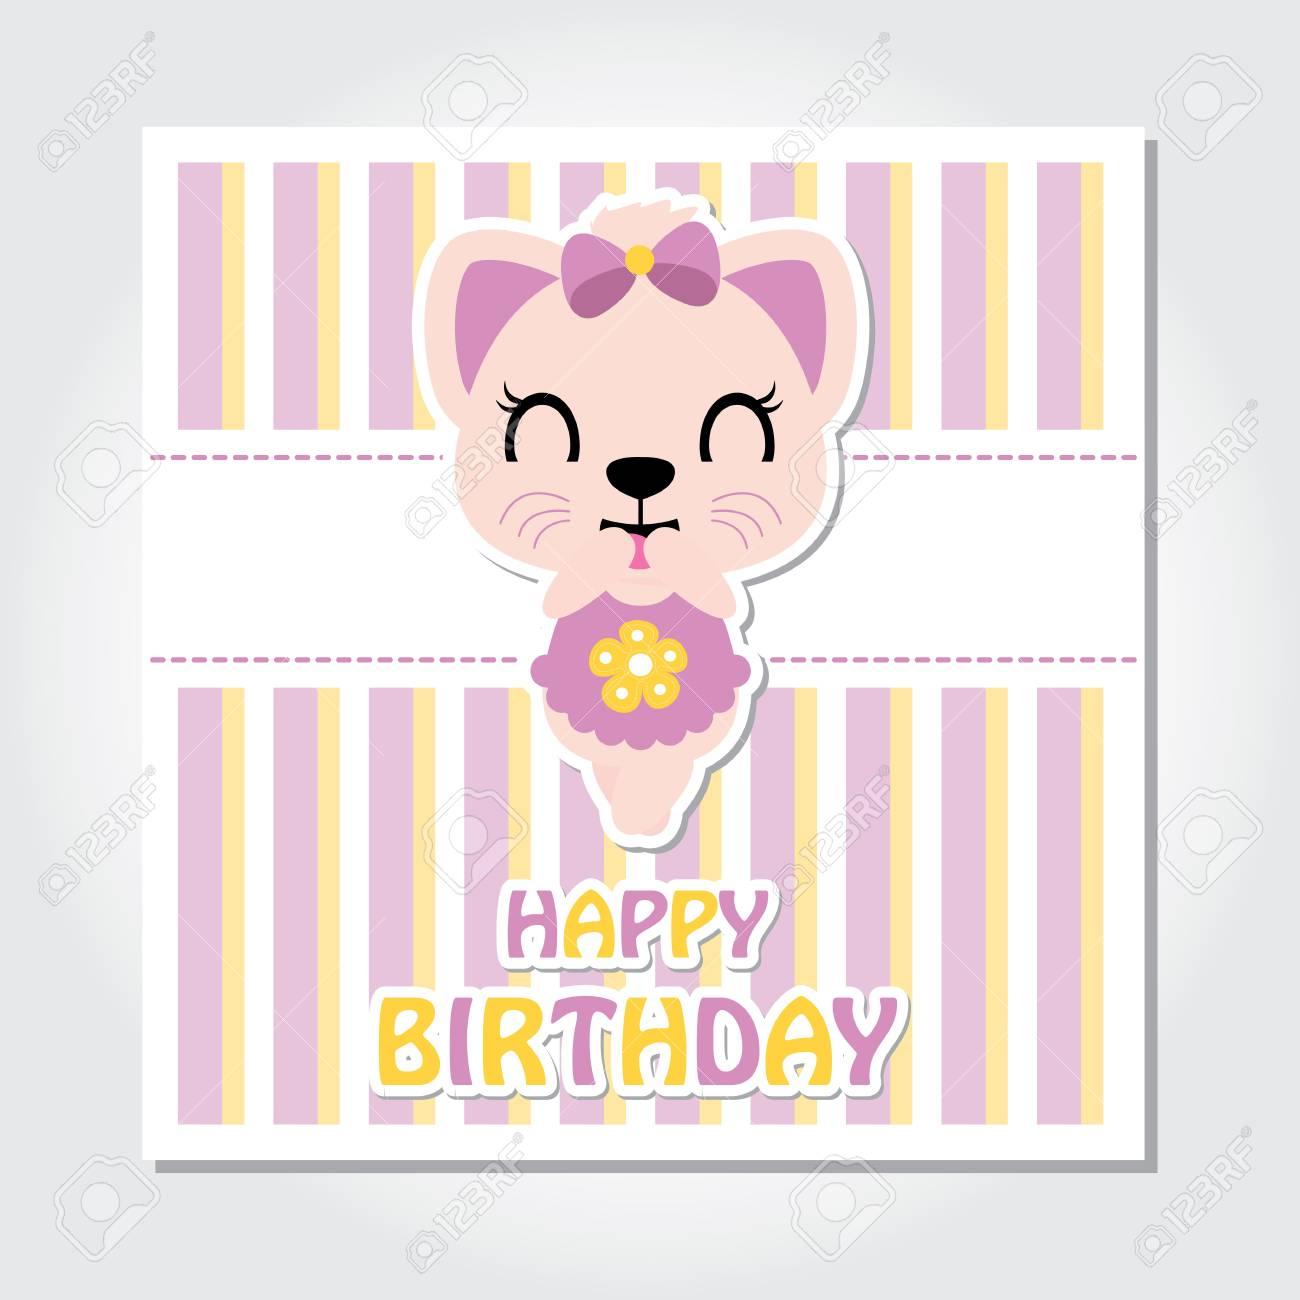 かわいい子猫が幸せな誕生日の招待カードポストカード壁紙に縞模様の背景ベクトル漫画イラストを